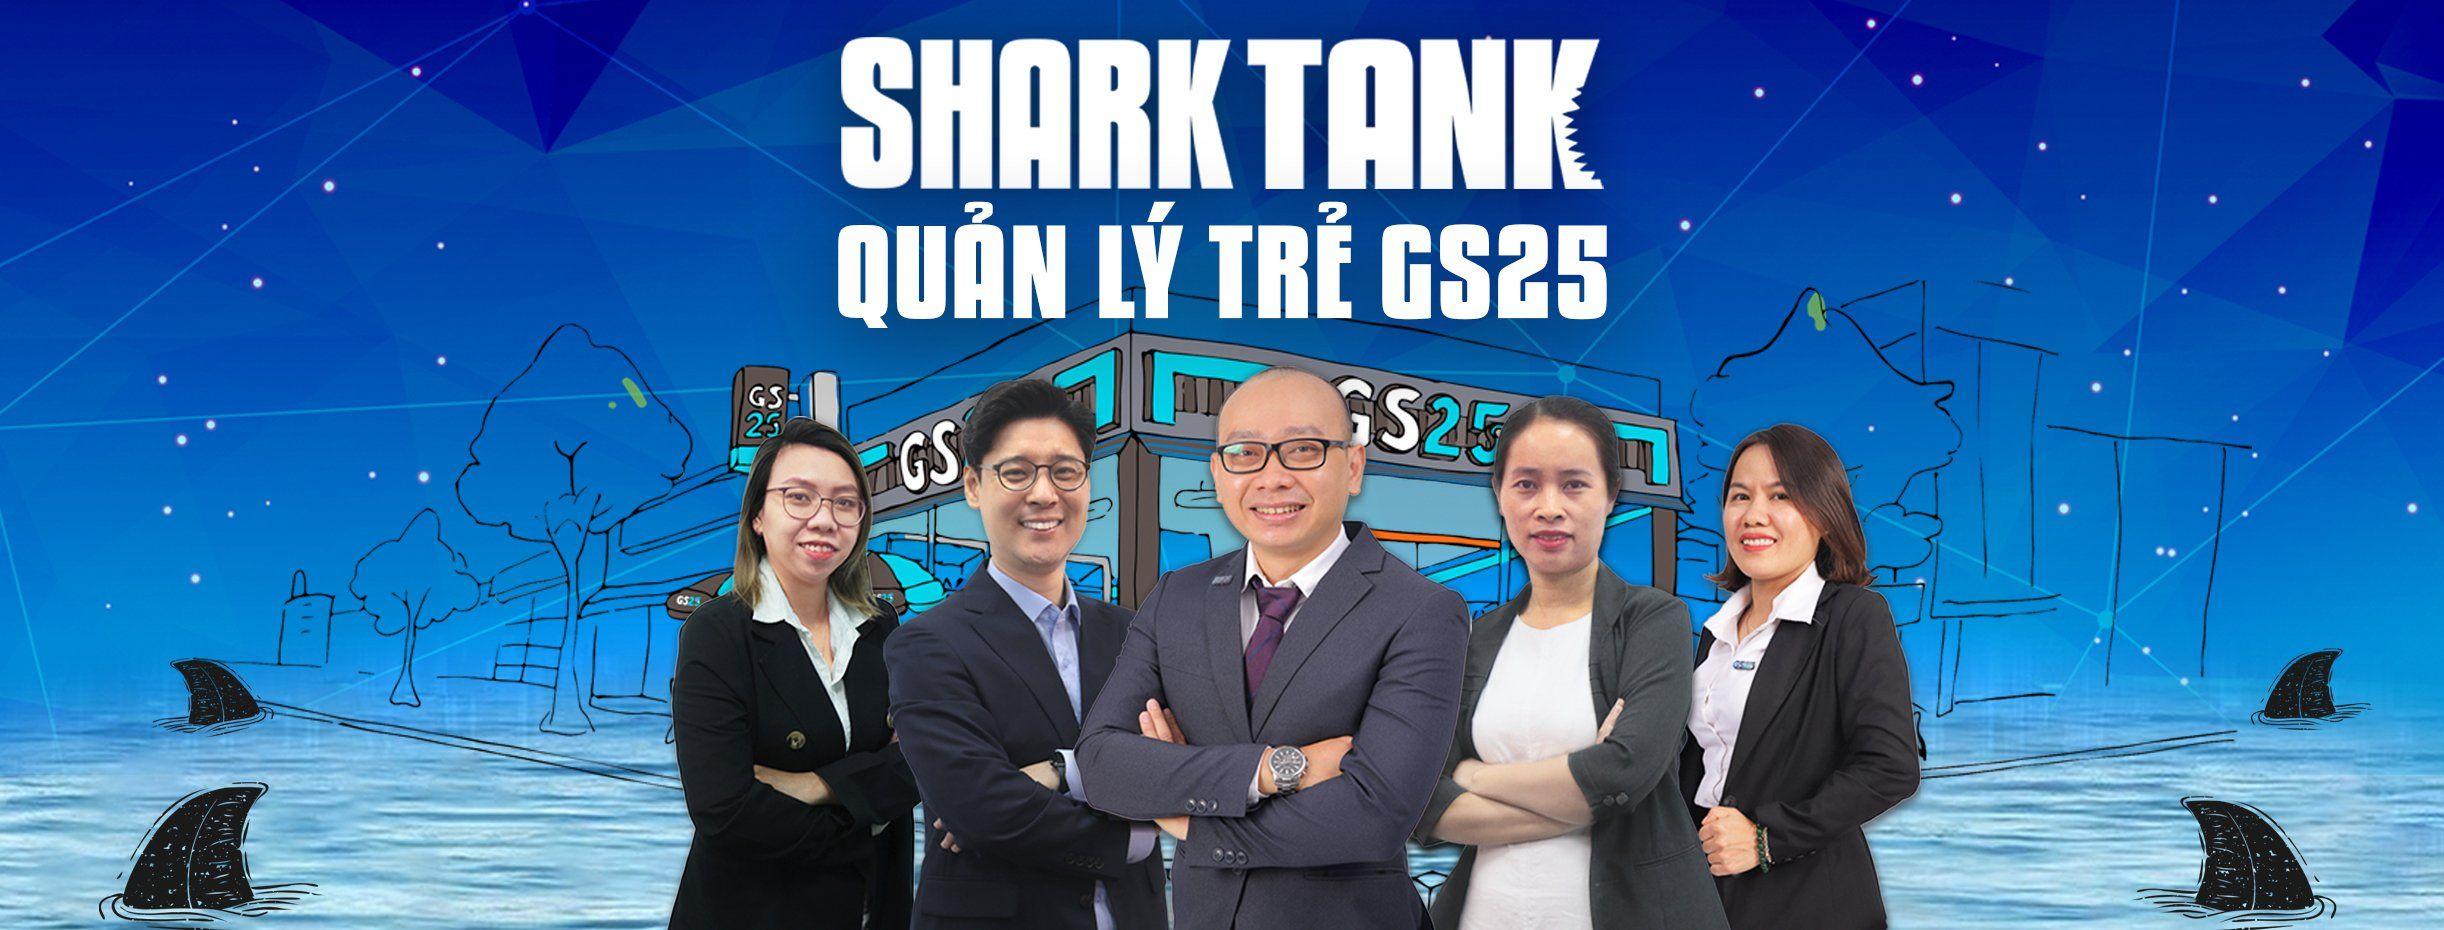 KHỞI ĐỘNG CHƯƠNG TRÌNH SHARK TANK - QUẢN LÝ TRẺ GS25